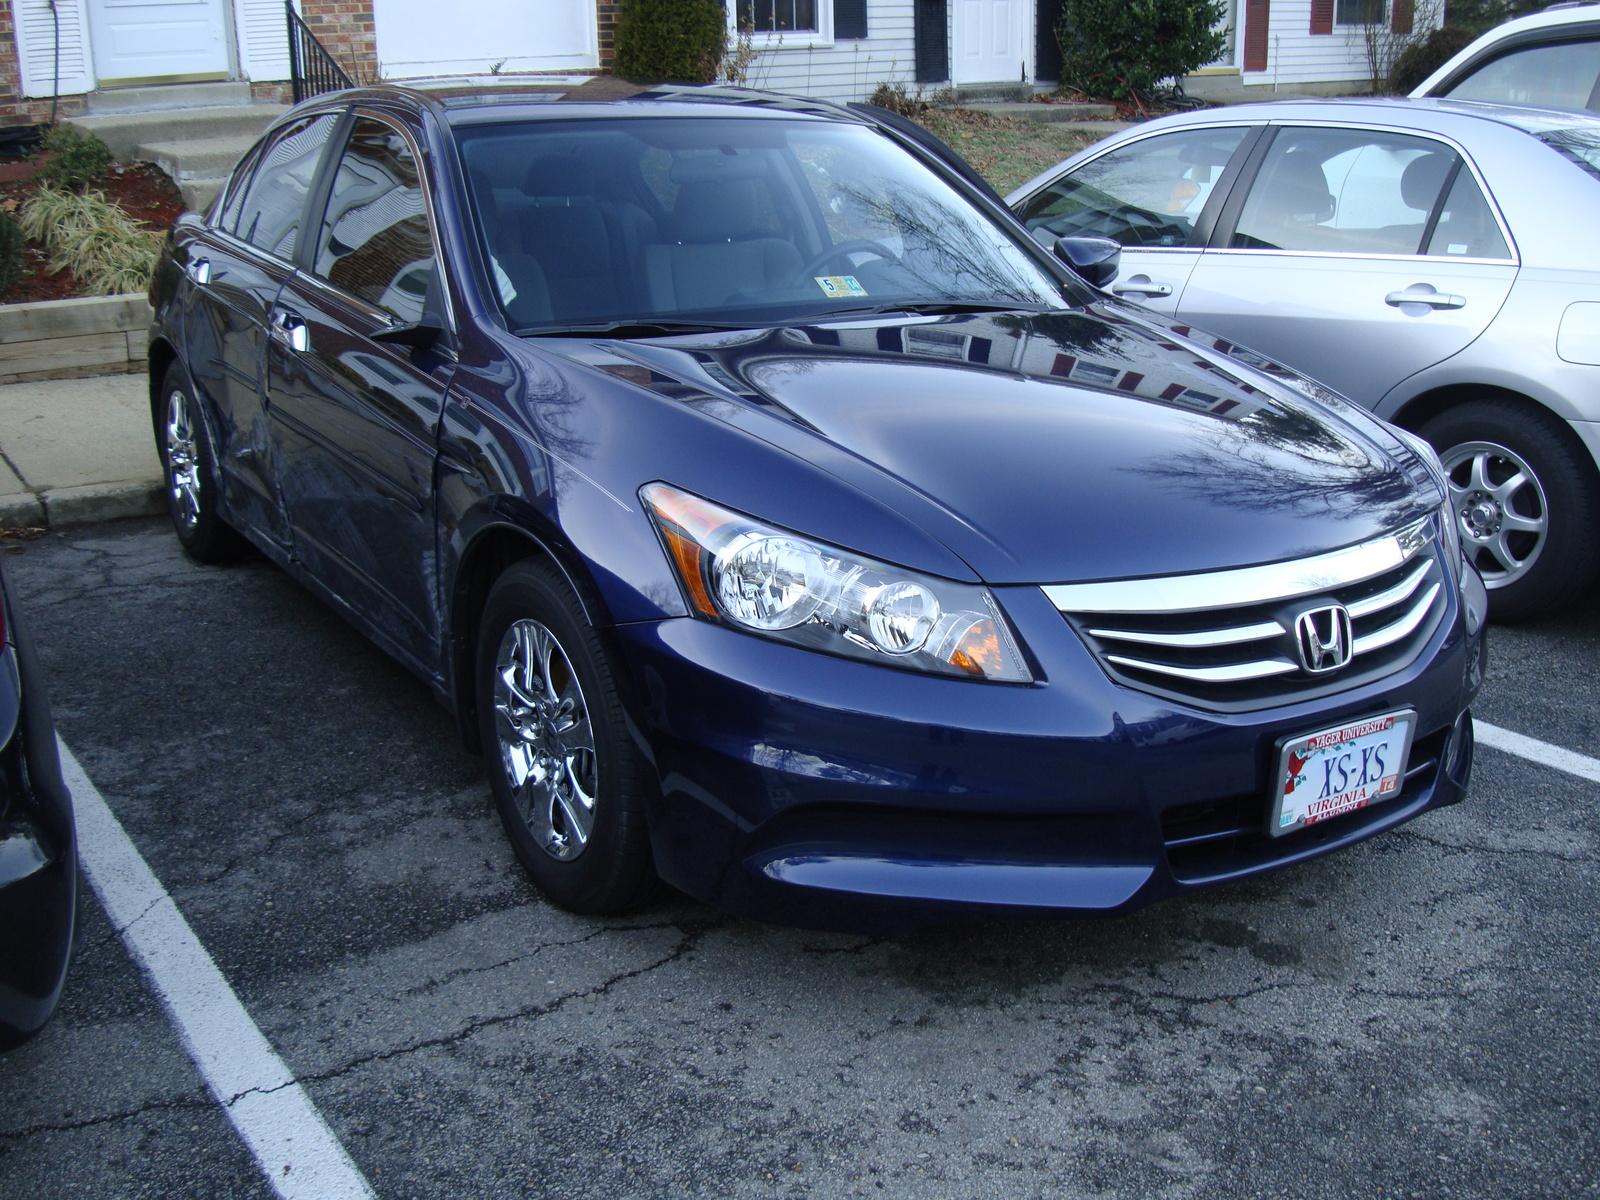 2010 Honda Accord Ex L V6 >> 2012 Honda Accord - Pictures - CarGurus